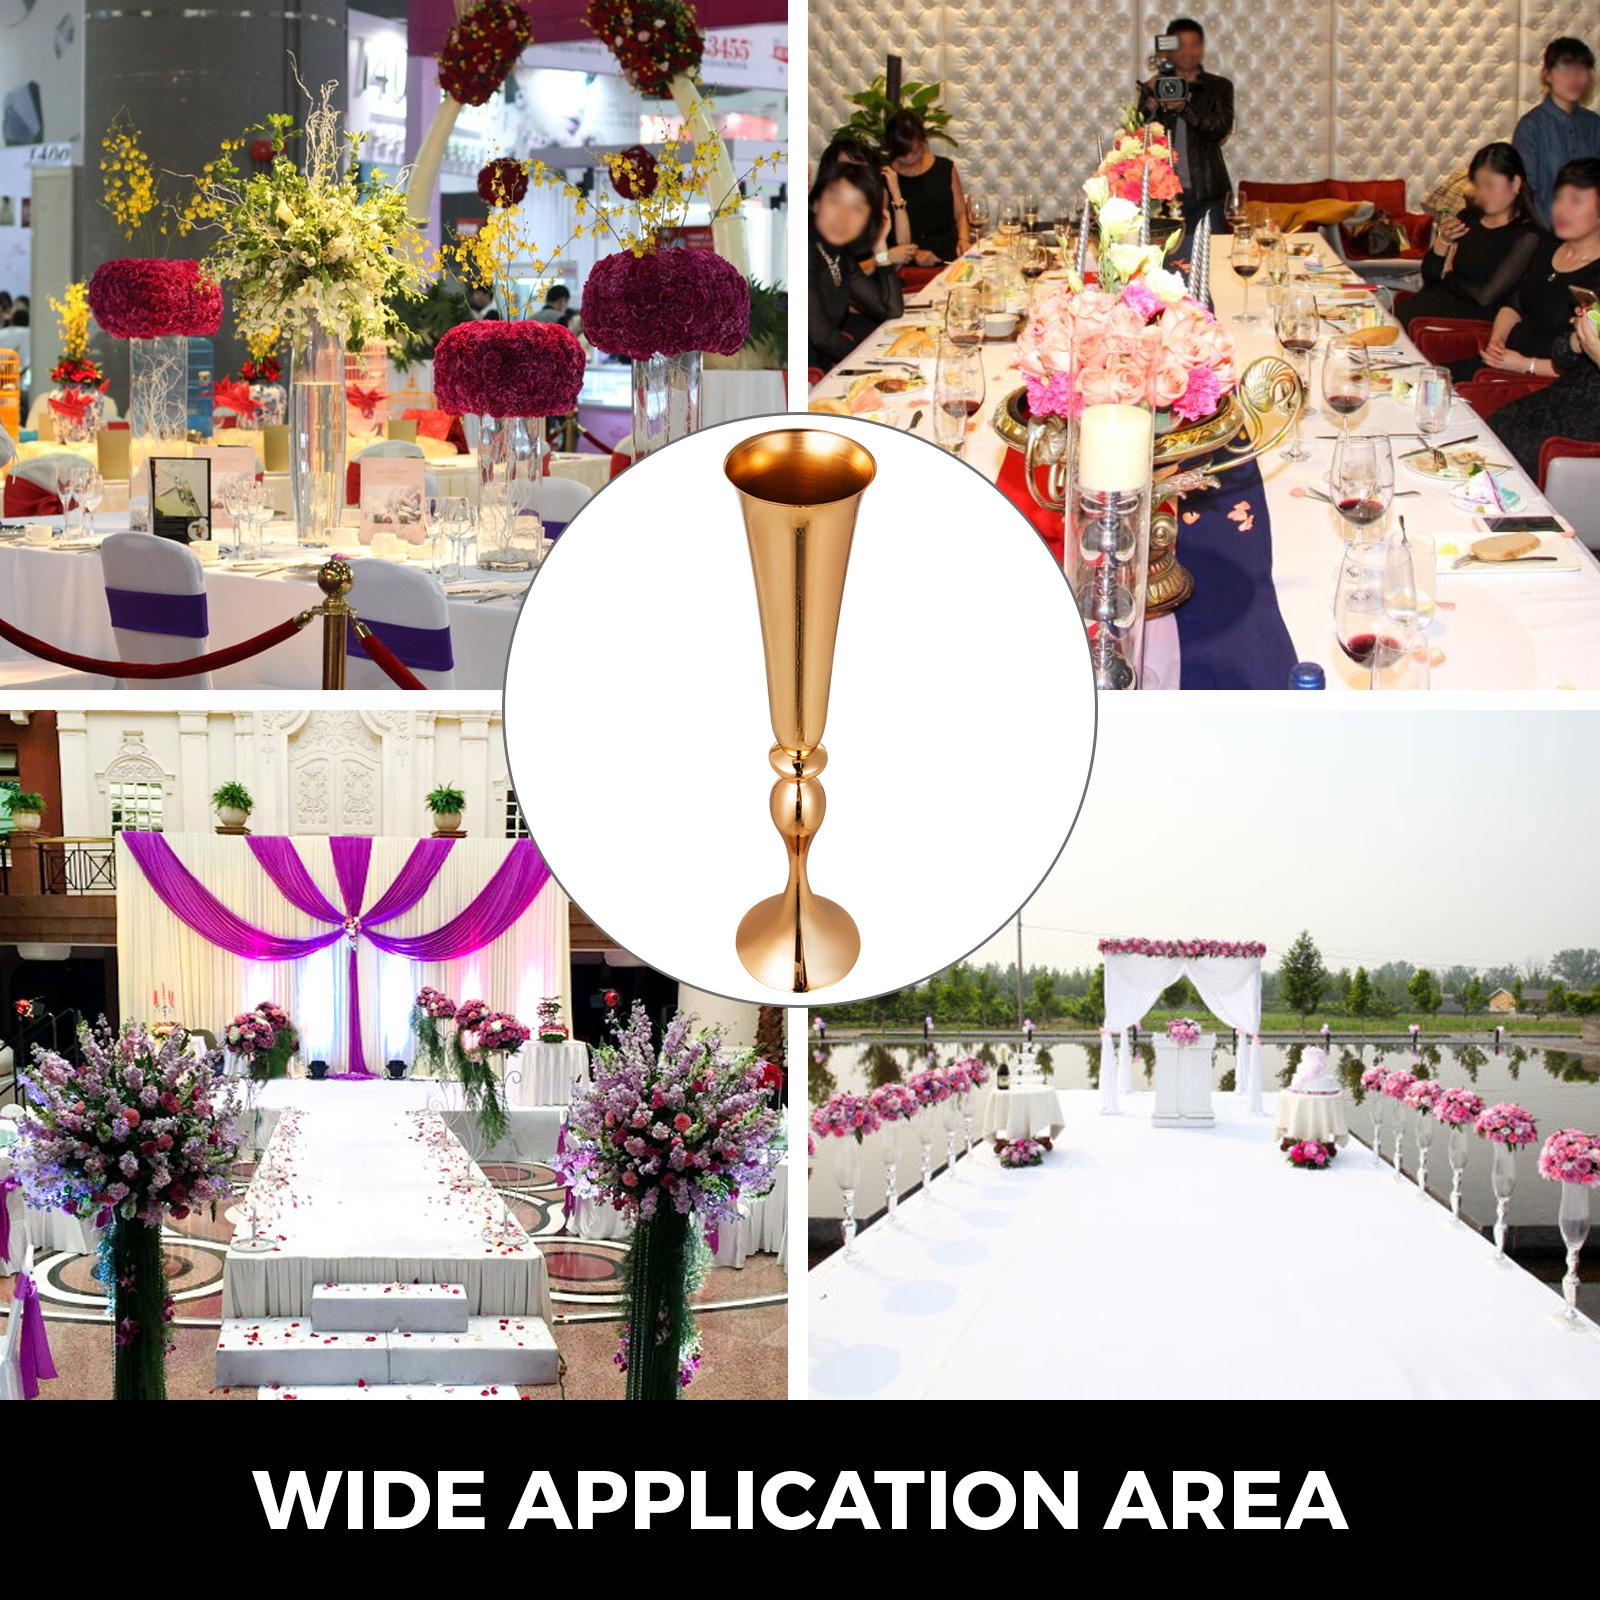 Trumpet-Vase-Flower-Vases-Centerpiece-29-5-034-22-034-for-Party-Celebration-Events thumbnail 91